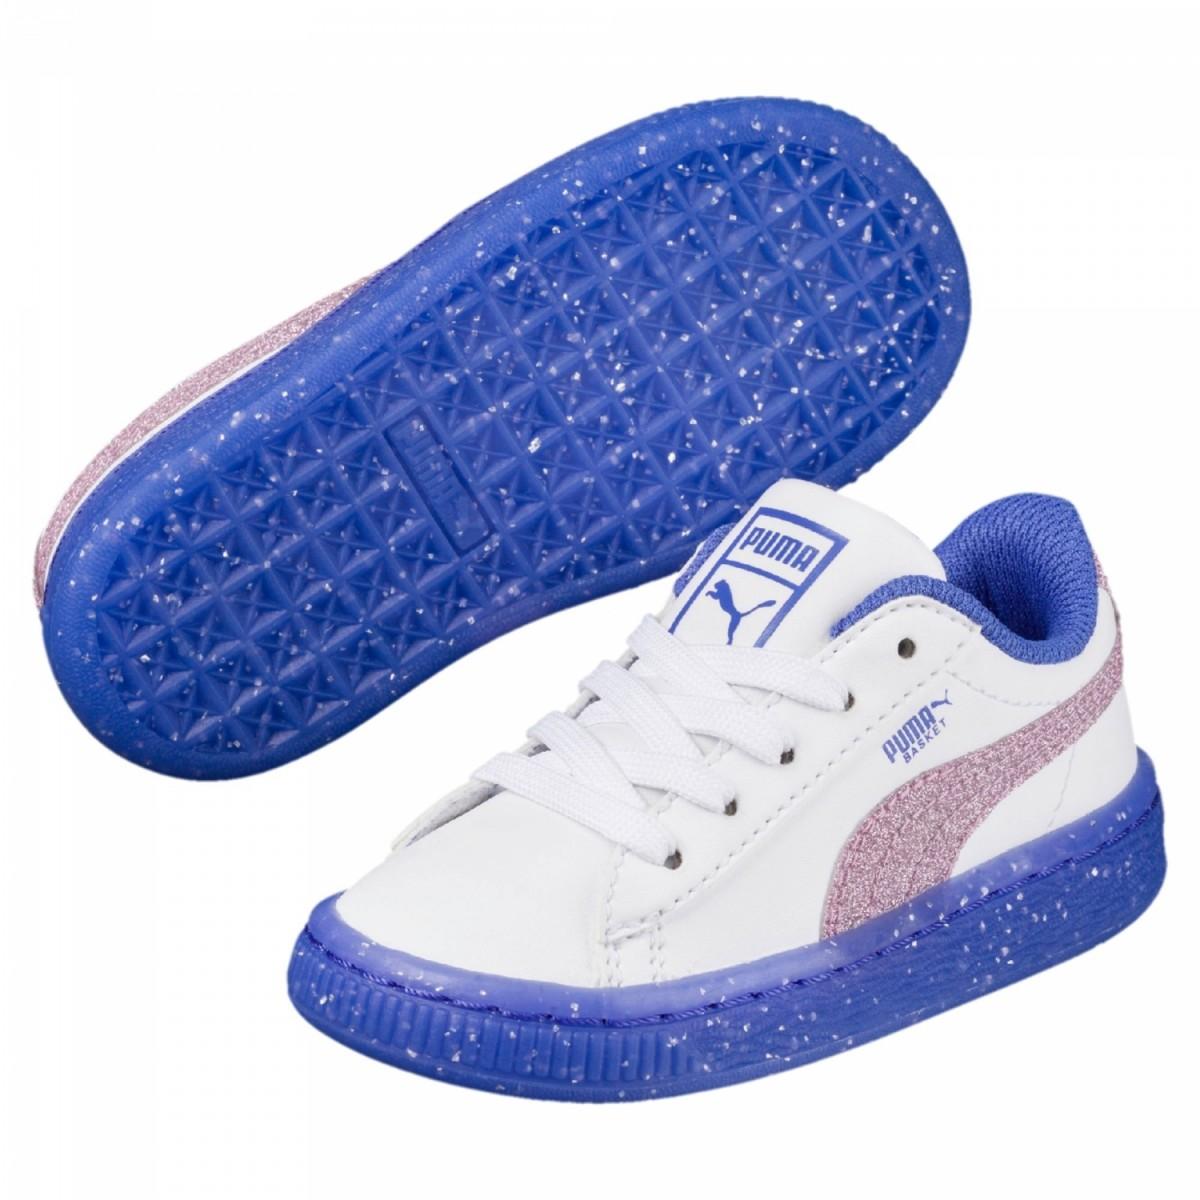 Puma Basket Iced Glitter 2 Sneaker Kleinkinderschuhe weiß blau